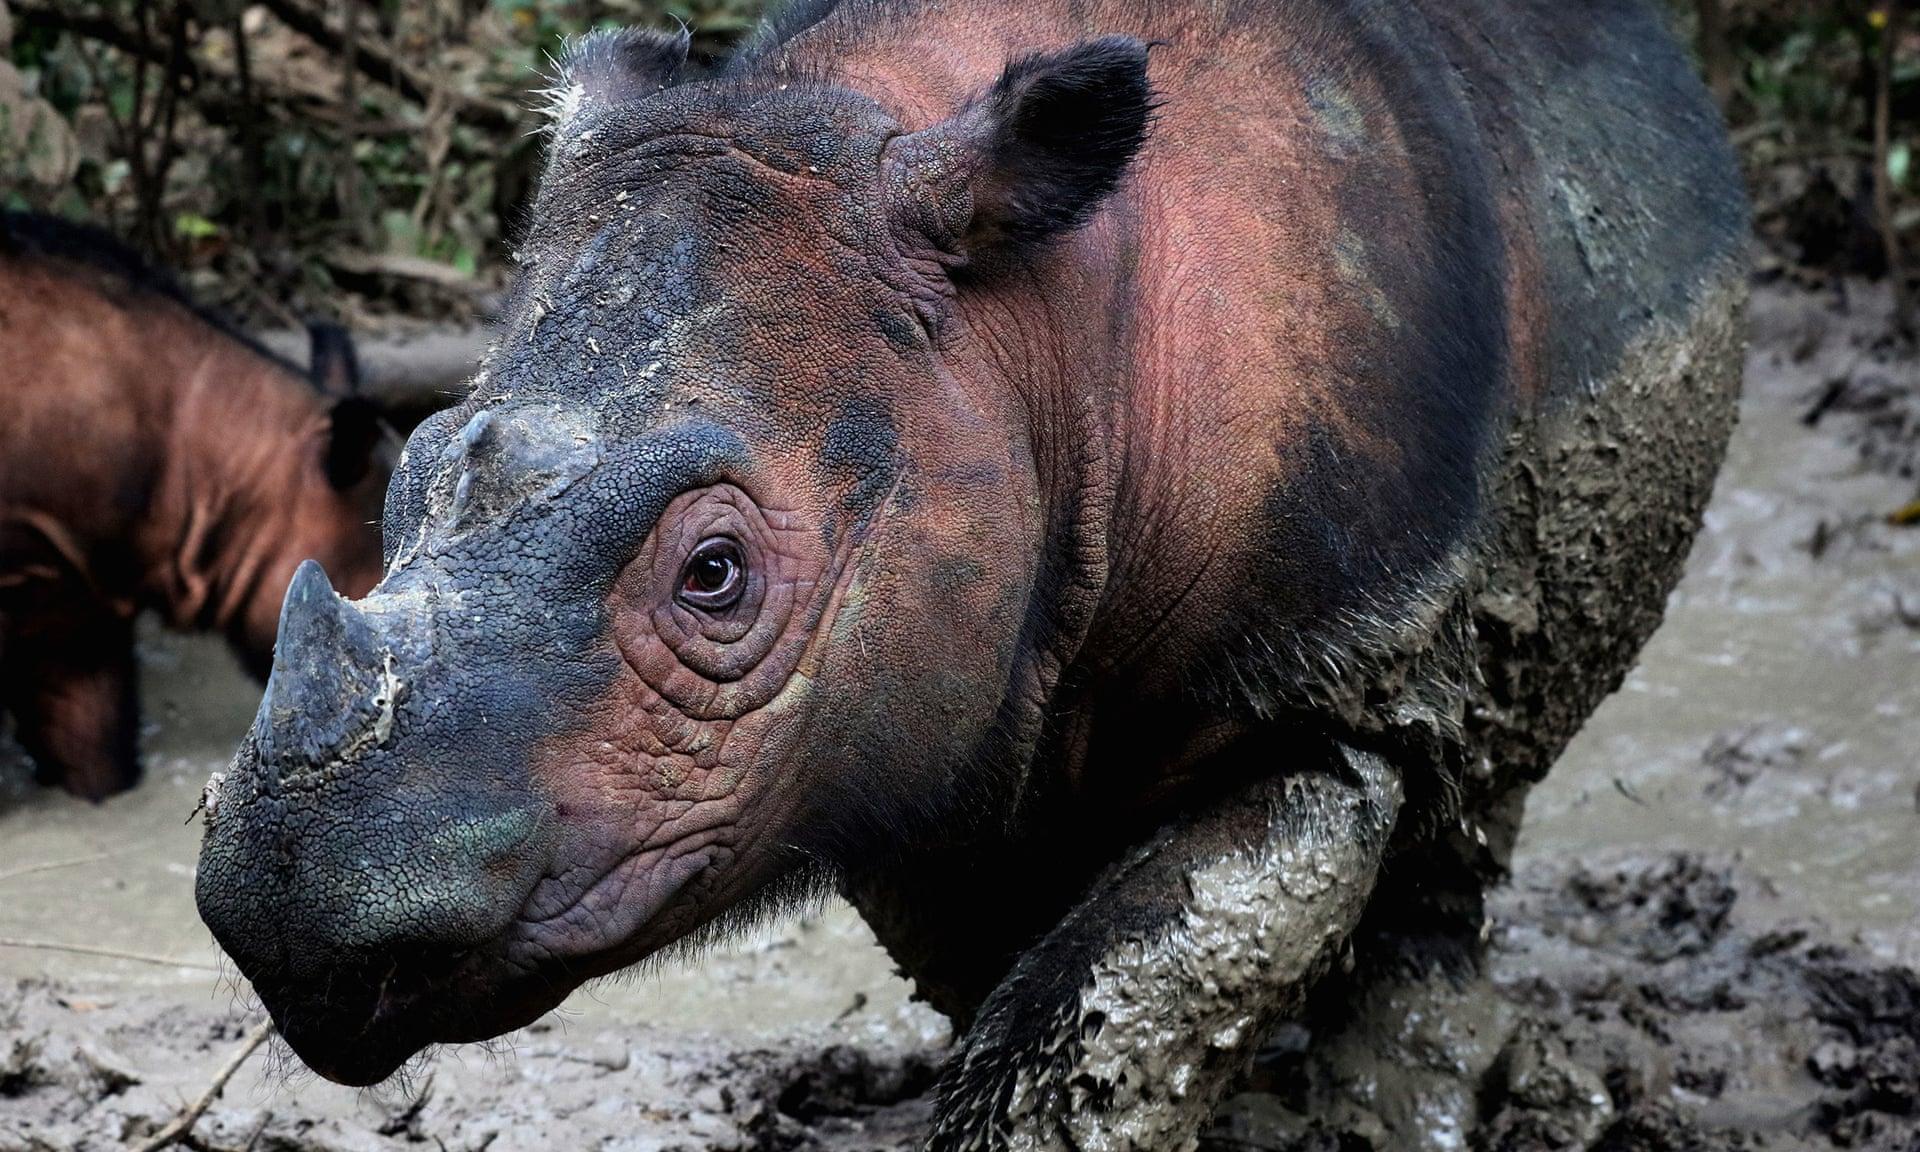 Gli scienziati avvertono, la sesta estinzione di massa delle specie animali sta accelerando